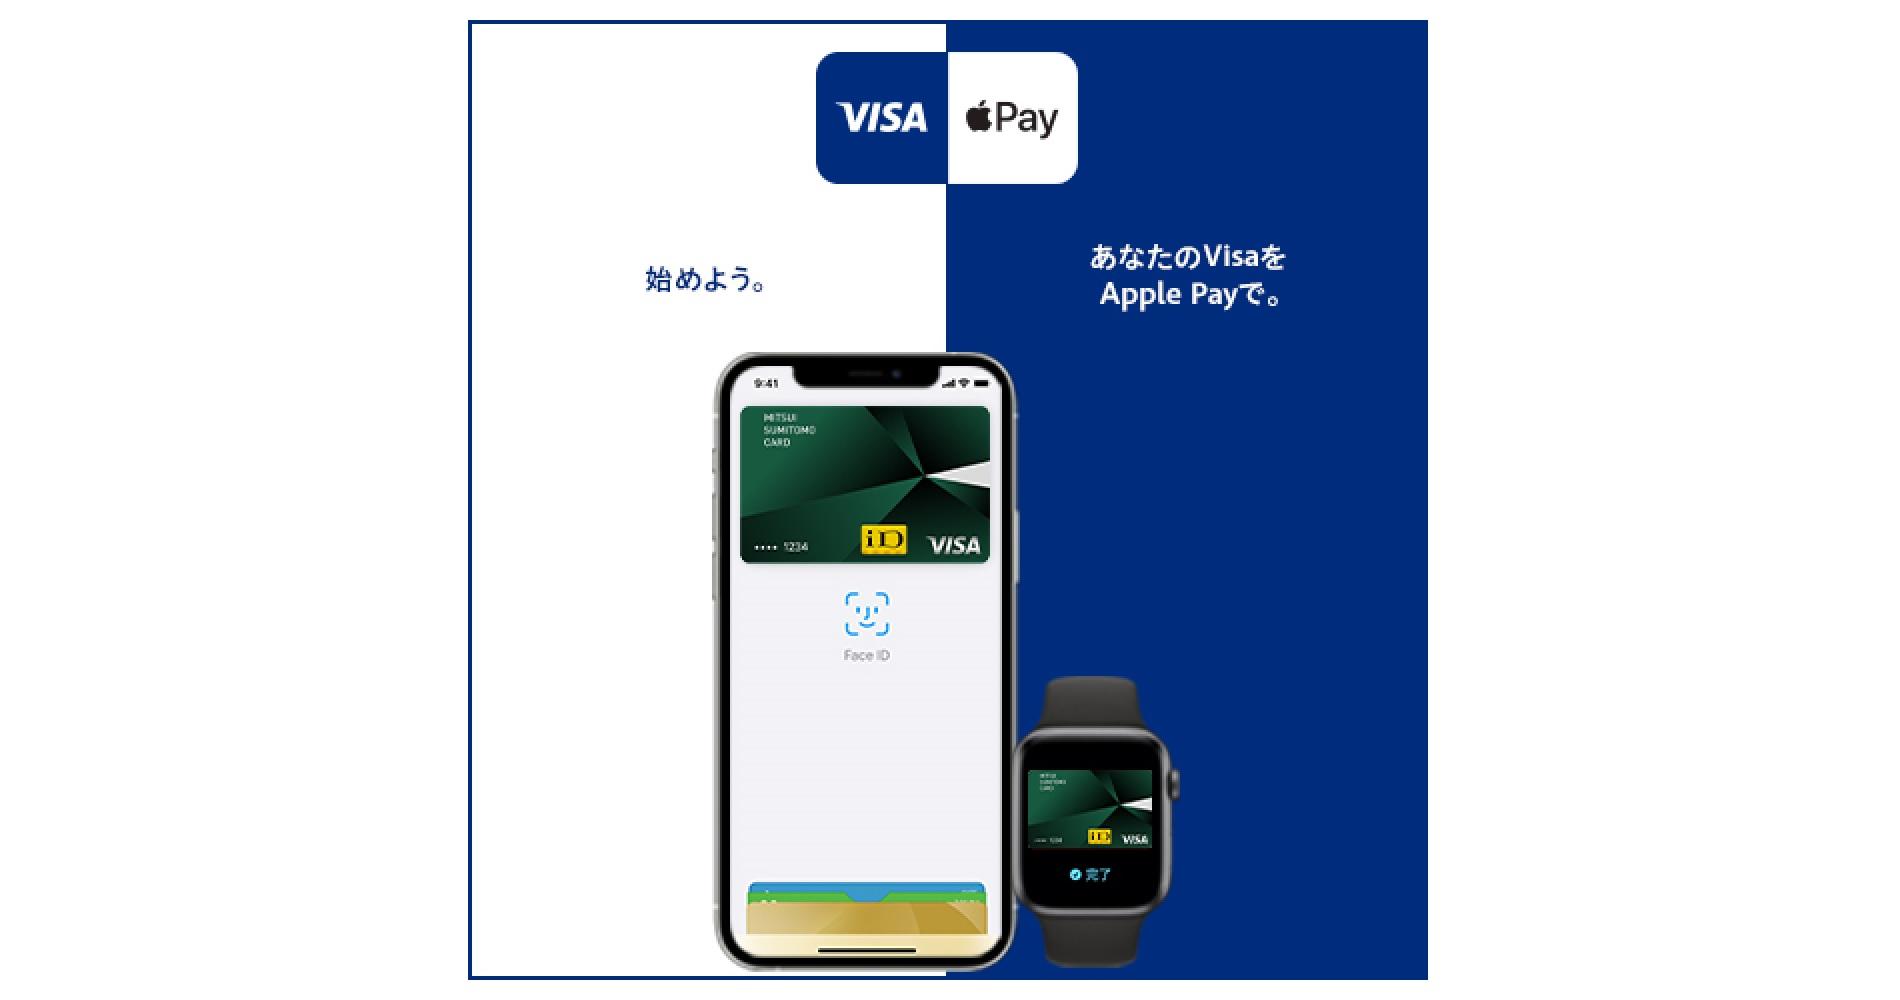 三井住友カードのVisaがApple Payの対応を開始| #三井住友カード 画像